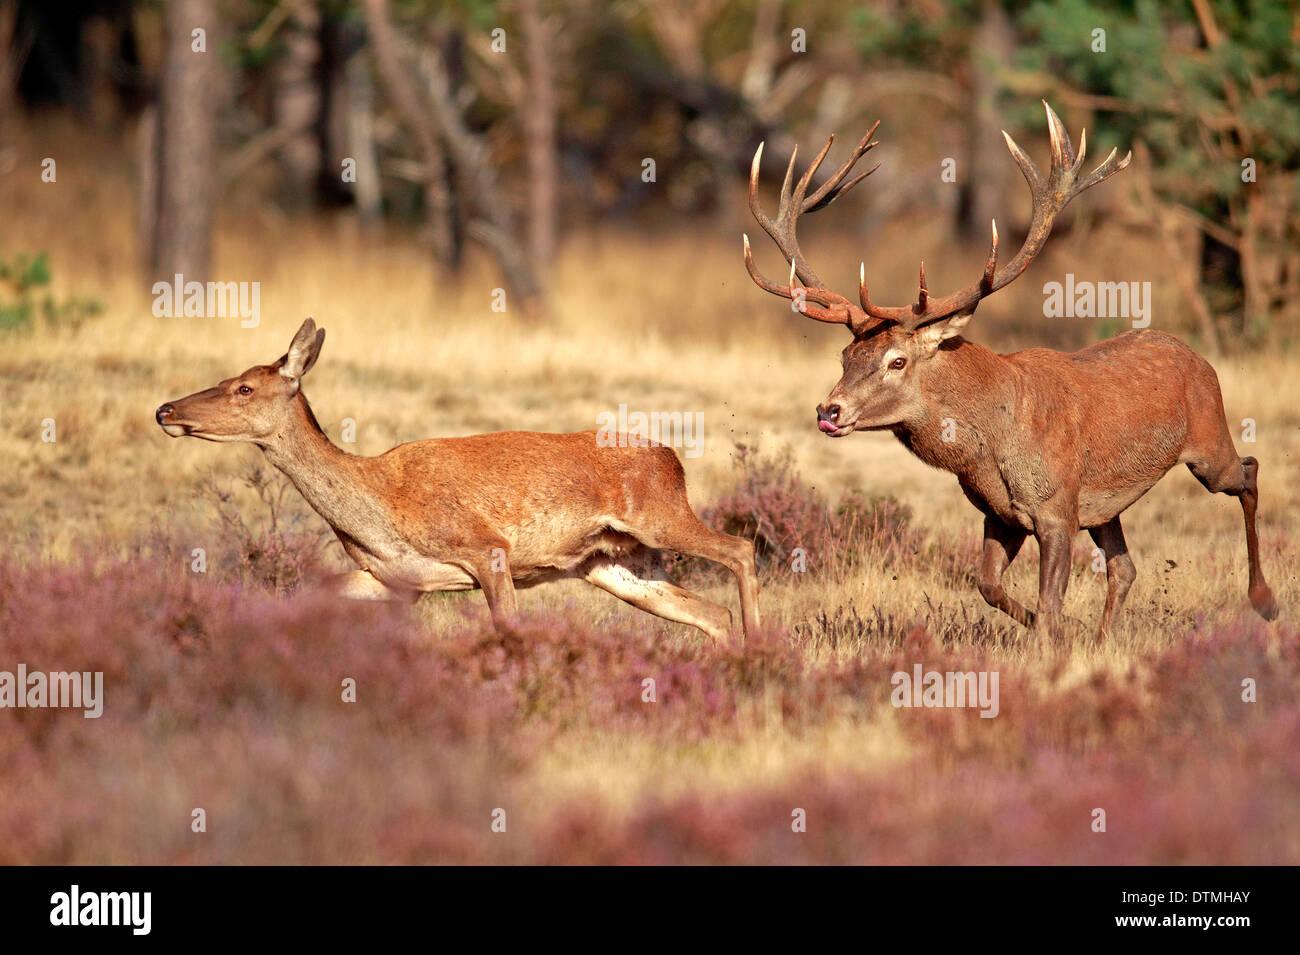 Red Deer, masculino y femenino, el Parque Nacional Hoge Veluwe, Países Bajos, Europa / (Cervus elaphus) / rodera, Imagen De Stock